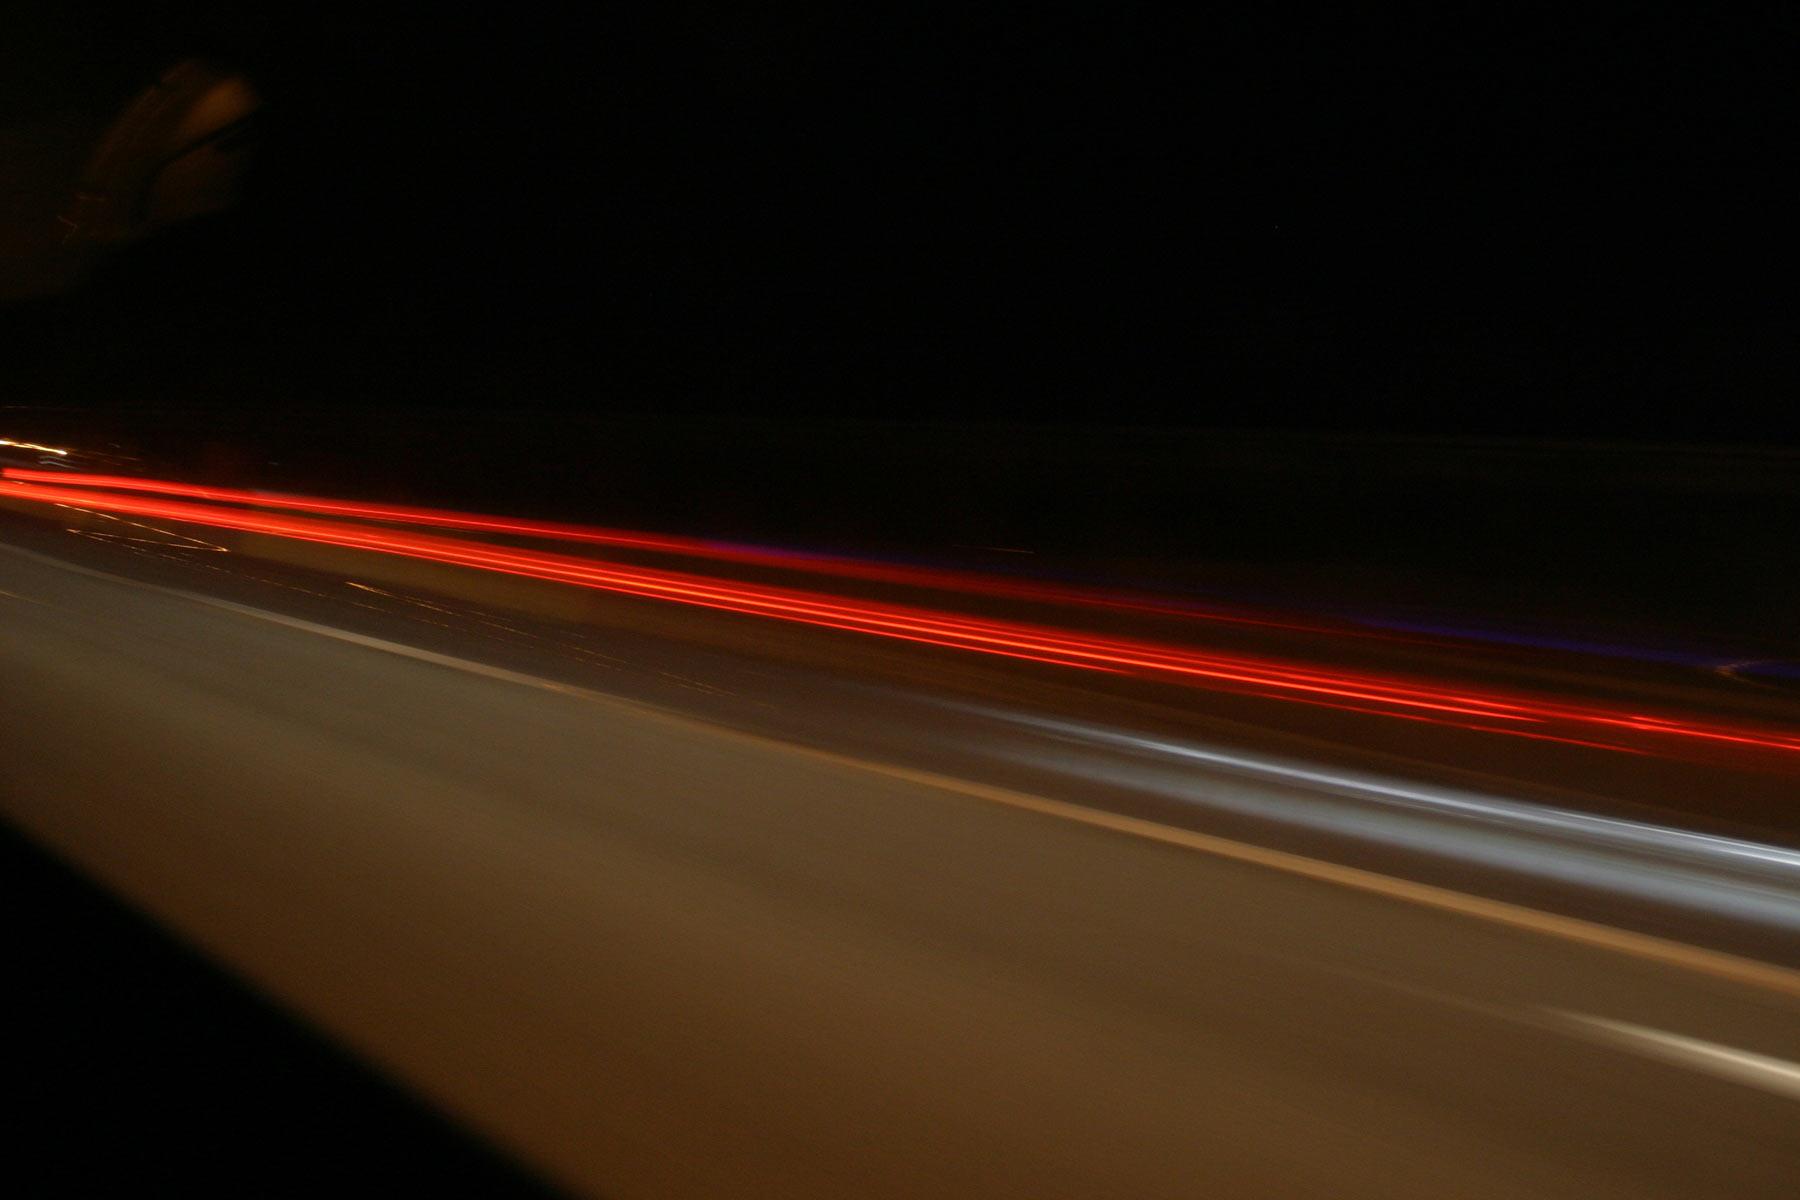 Light Effects, Blur, Effect, Focus, Light, HQ Photo